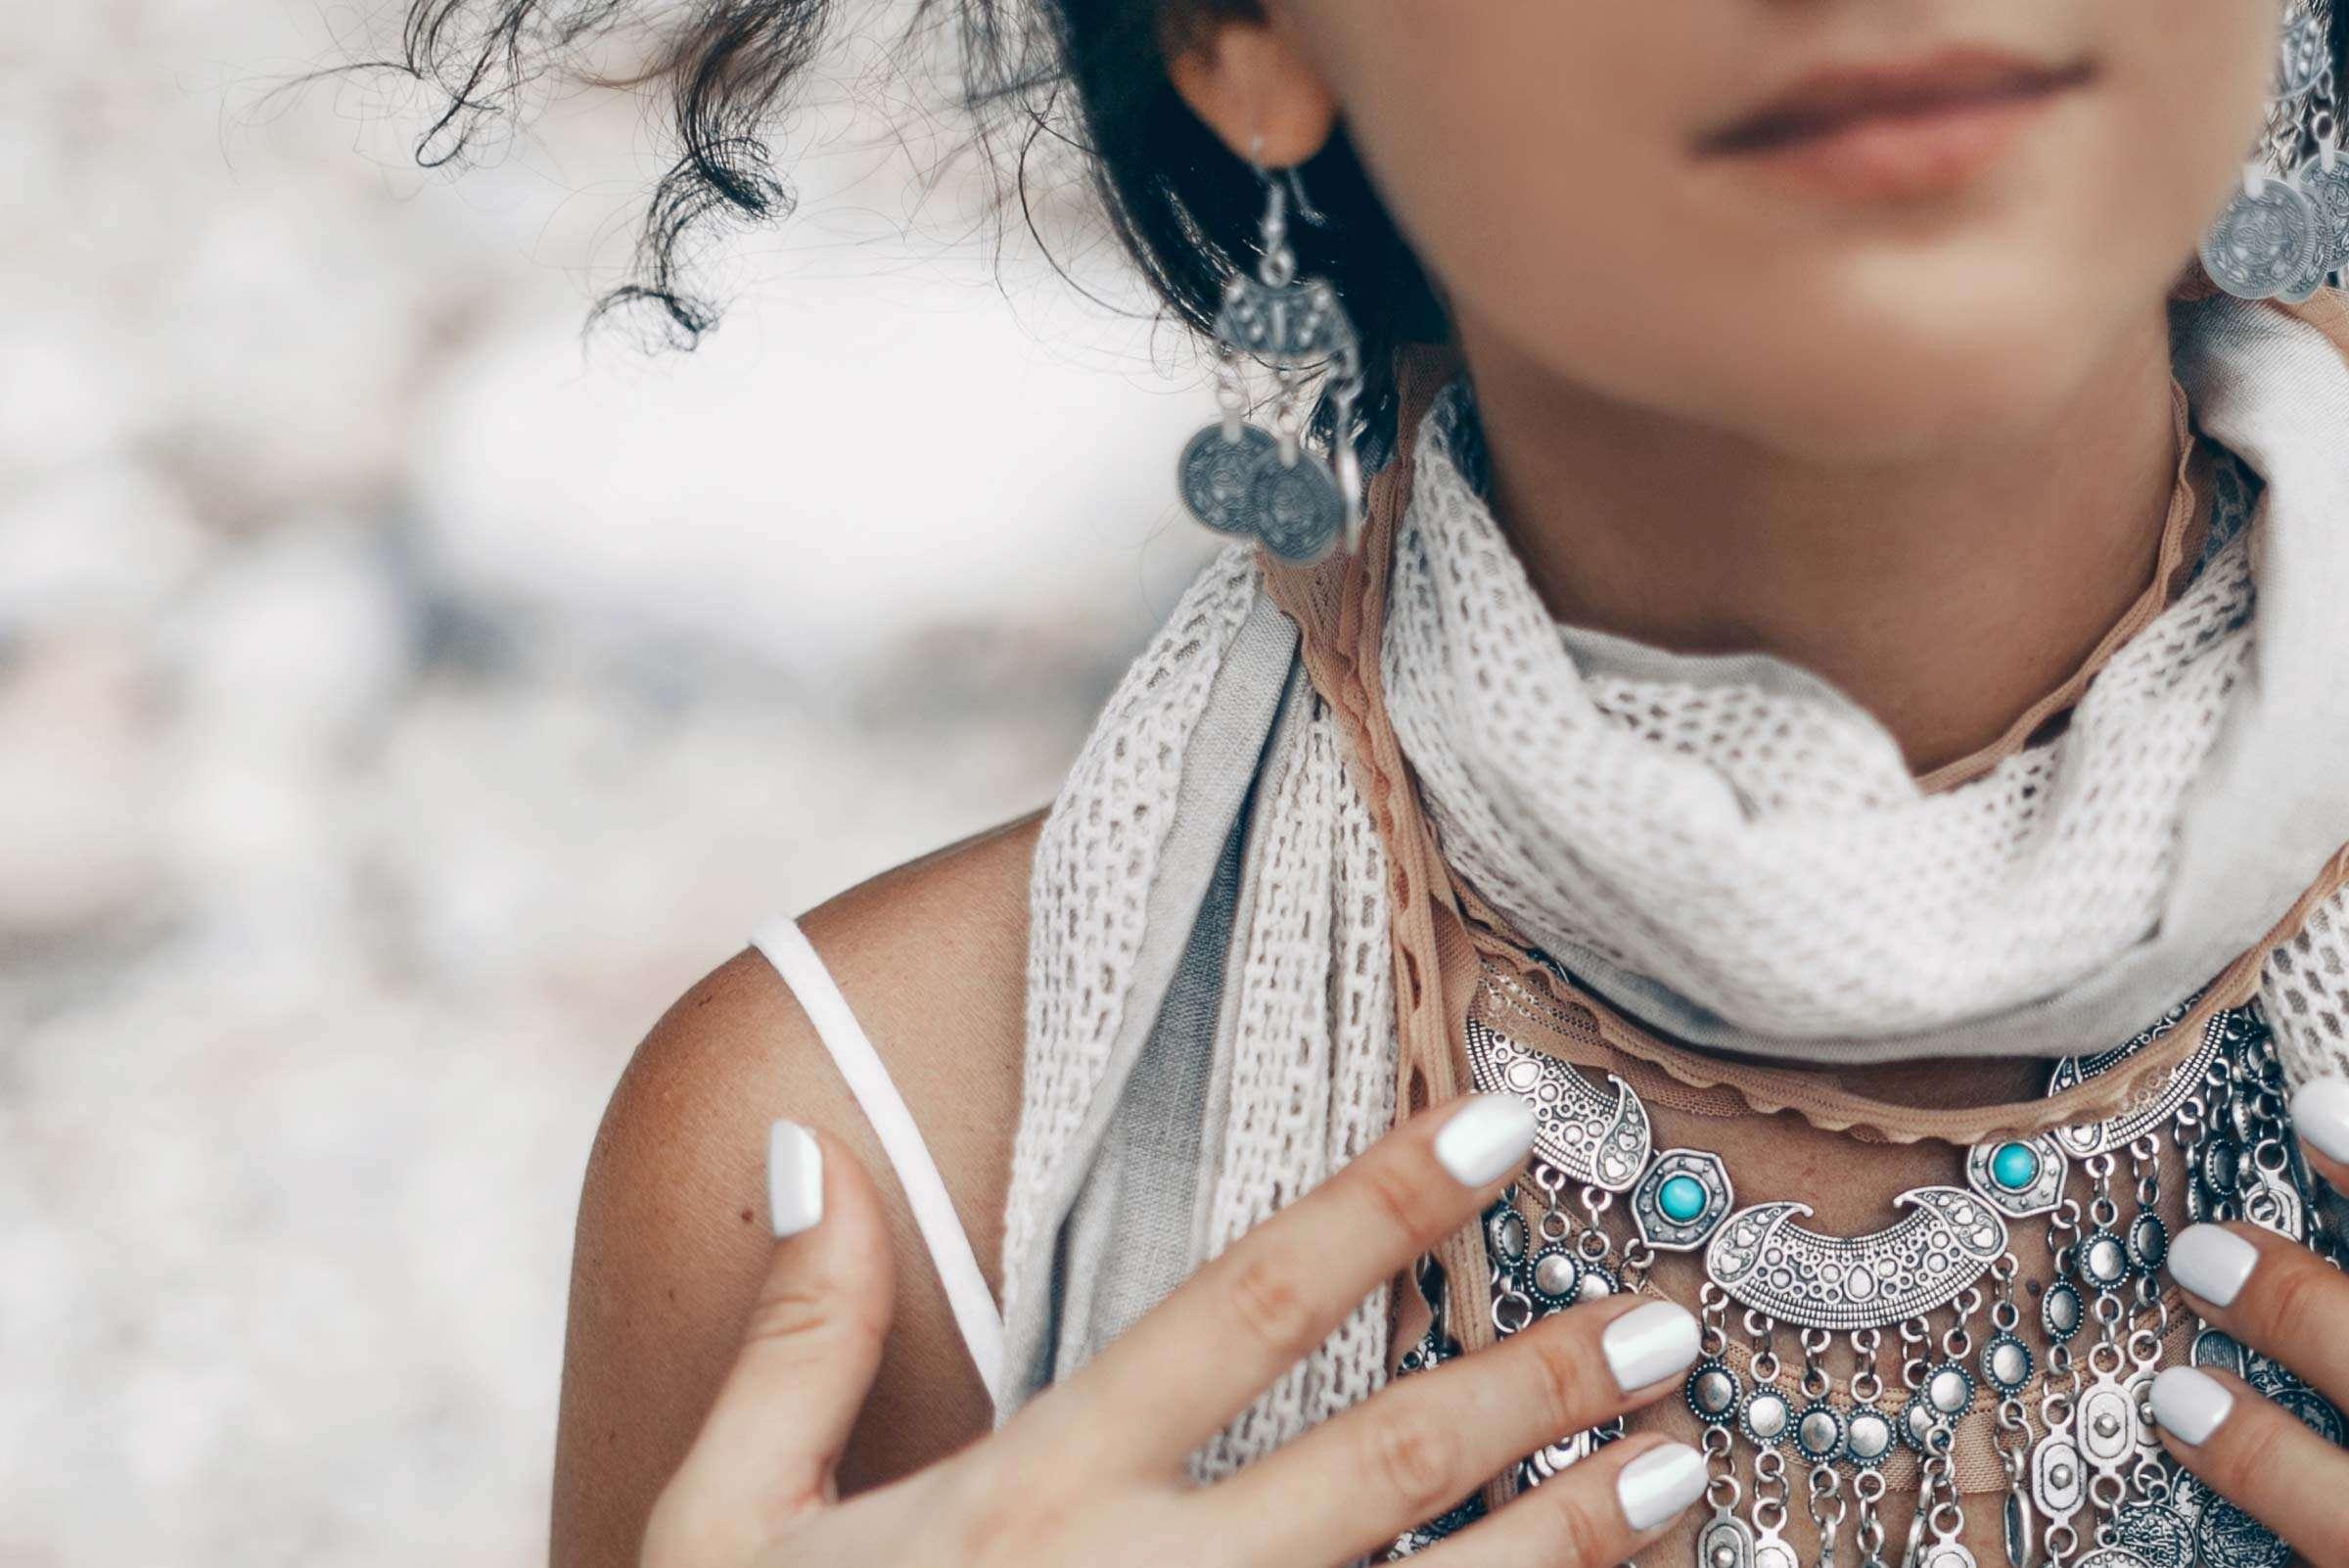 Joyas con conchas, una tendencia de moda